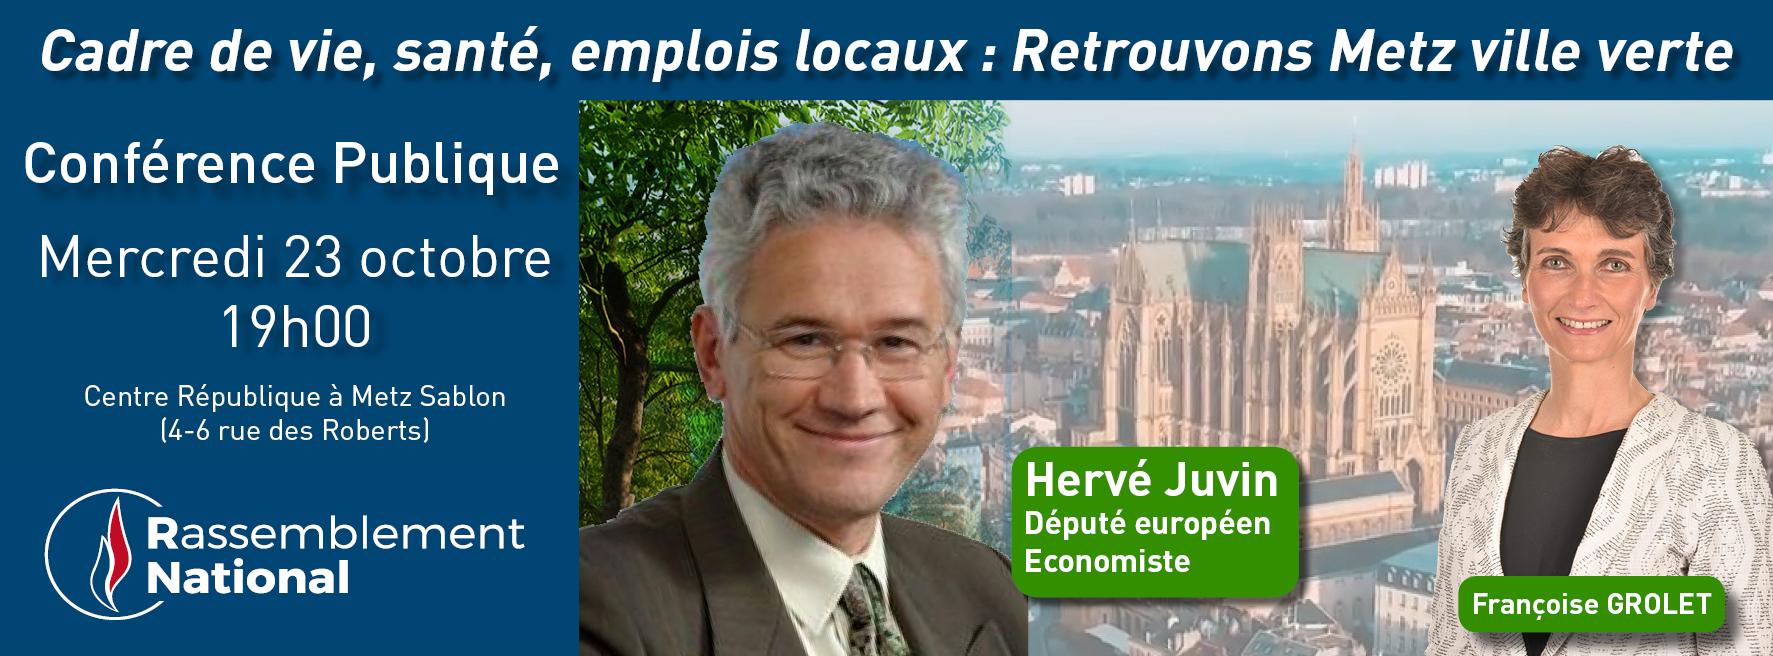 Conference Publique Hervé Juvin à Metz le 23 octobre 2019